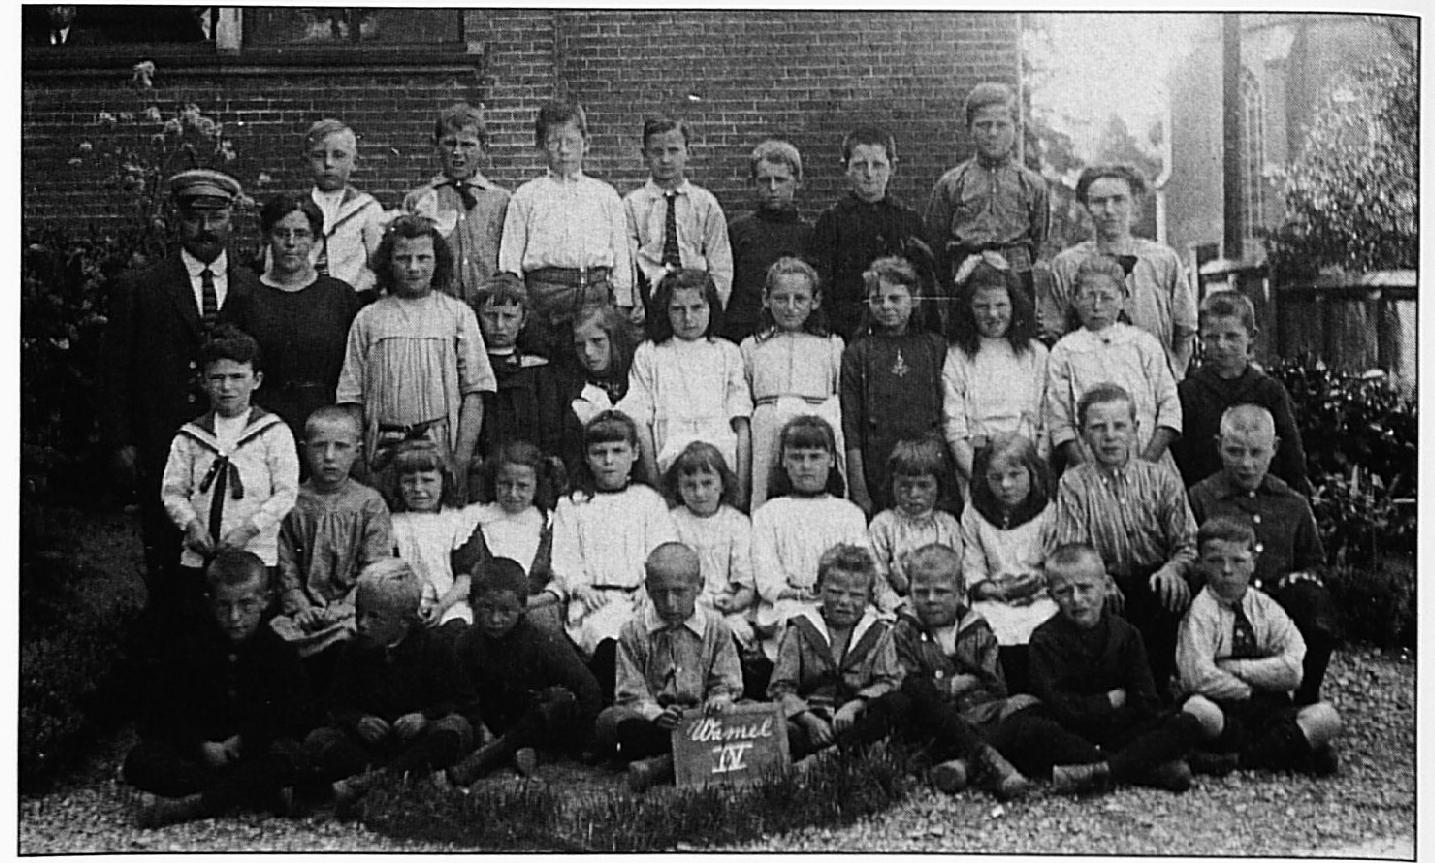 Een schoolfoto uit 1922/1923. Achterste rij v.l.n.r.: Jo Meijer, Jo van Lith, ..... , Harry Maas, W. de Zwaan{?), Marinus Nijs, Harry Melis. Juffrouw Boereboom. Tweede rij van achteren: Meester Van Oijen, Mevrouw Van Akkeren, Marie Melis, An van Lent, Grada Nijs, An Me lis, Gon Merkx, Truus Melis, (?)Melis, .... . , Bart Melis. Derde rij van achteren: Sel de Zwaan, Willie Looman, Nelly van Oijen, ..... , ..... , Carry van Oijen, .... . , ..... , ..... , Jan Melis, Max Looman. Voorste rij : Grad Lamers, Toon Lamers, Ben Lamers, Wim Lamers, Wil Melis, Ben Melis, Nol Tiebos, Albert van Oijen.